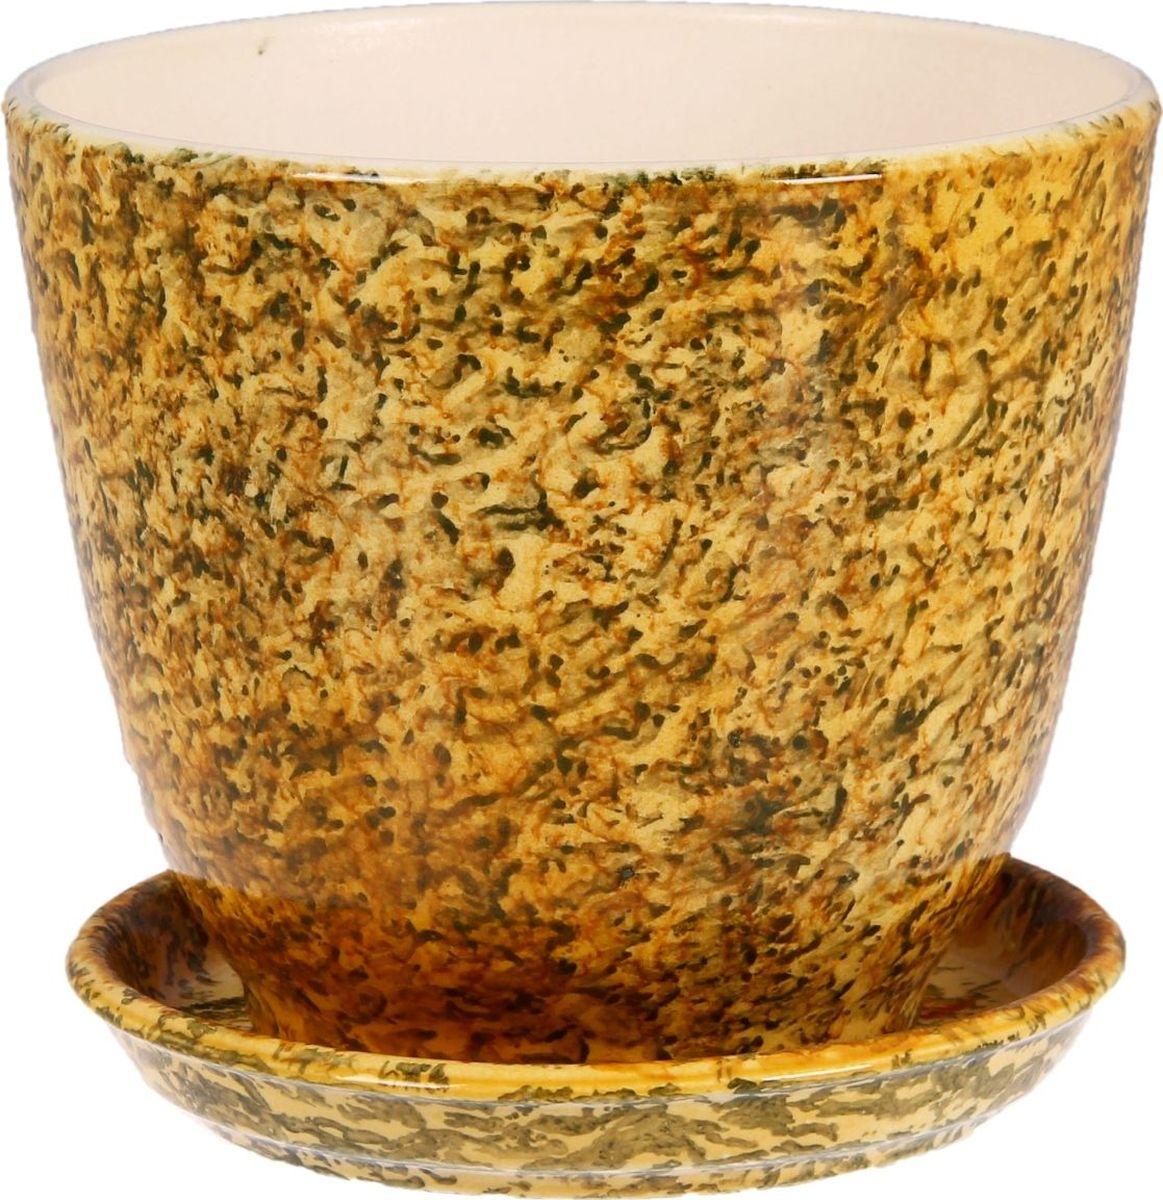 Кашпо Керамика ручной работы Кедр. Мрамор, 2,2 л1099339Комнатные растения — всеобщие любимцы. Они радуют глаз, насыщают помещение кислородом и украшают пространство. Каждому из них необходим свой удобный и красивый дом. Кашпо из керамики прекрасно подходят для высадки растений: за счёт пластичности глины и разных способов обработки существует великое множество форм и дизайновпористый материал позволяет испаряться лишней влагевоздух, необходимый для дыхания корней, проникает сквозь керамические стенки! #name# позаботится о зелёном питомце, освежит интерьер и подчеркнёт его стиль.